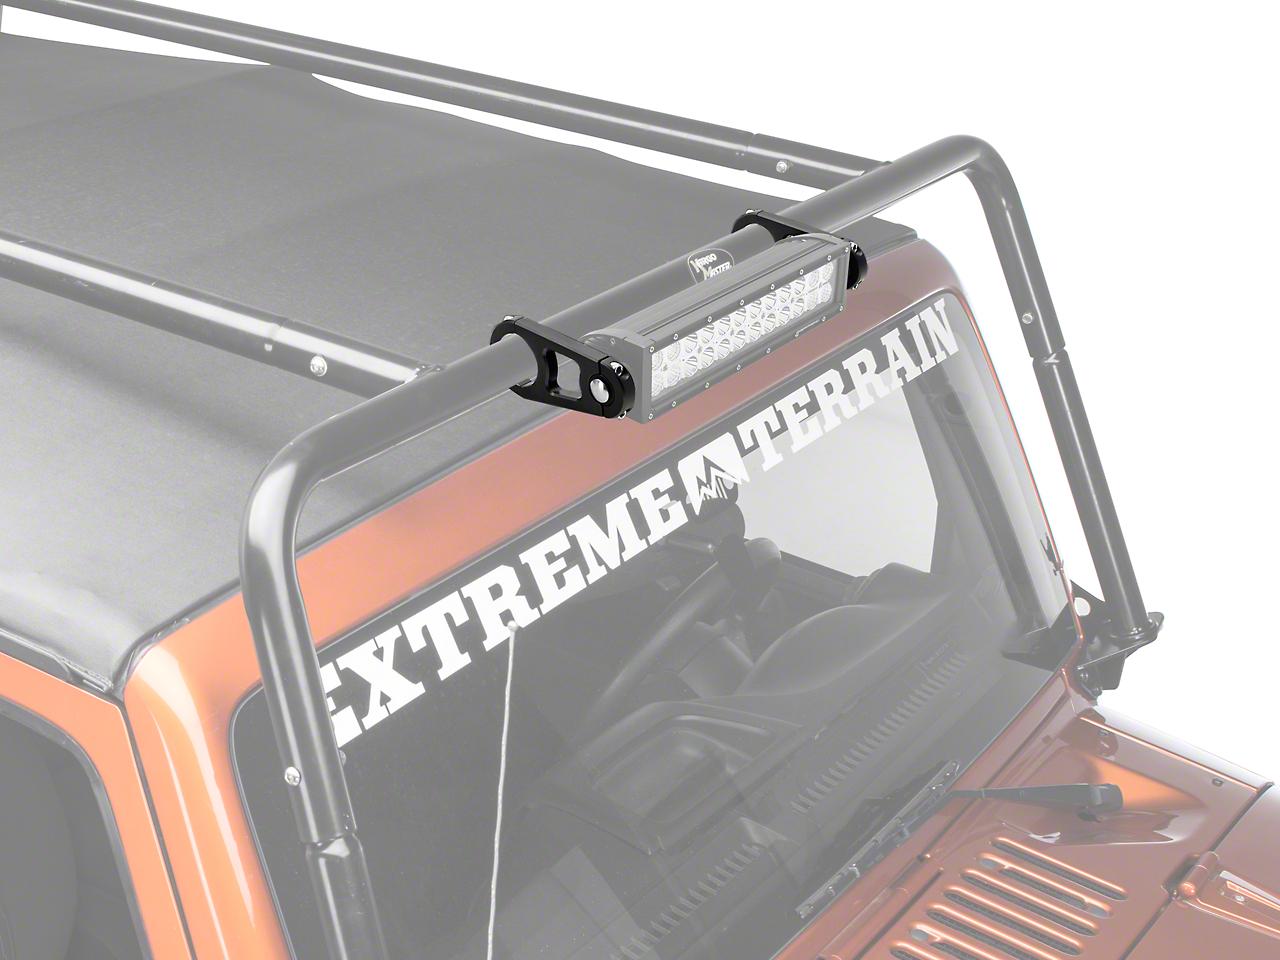 Kargo Master Light Bar Mount Kit For 2 in. Diameter Tube (07-18 Wrangler JK)